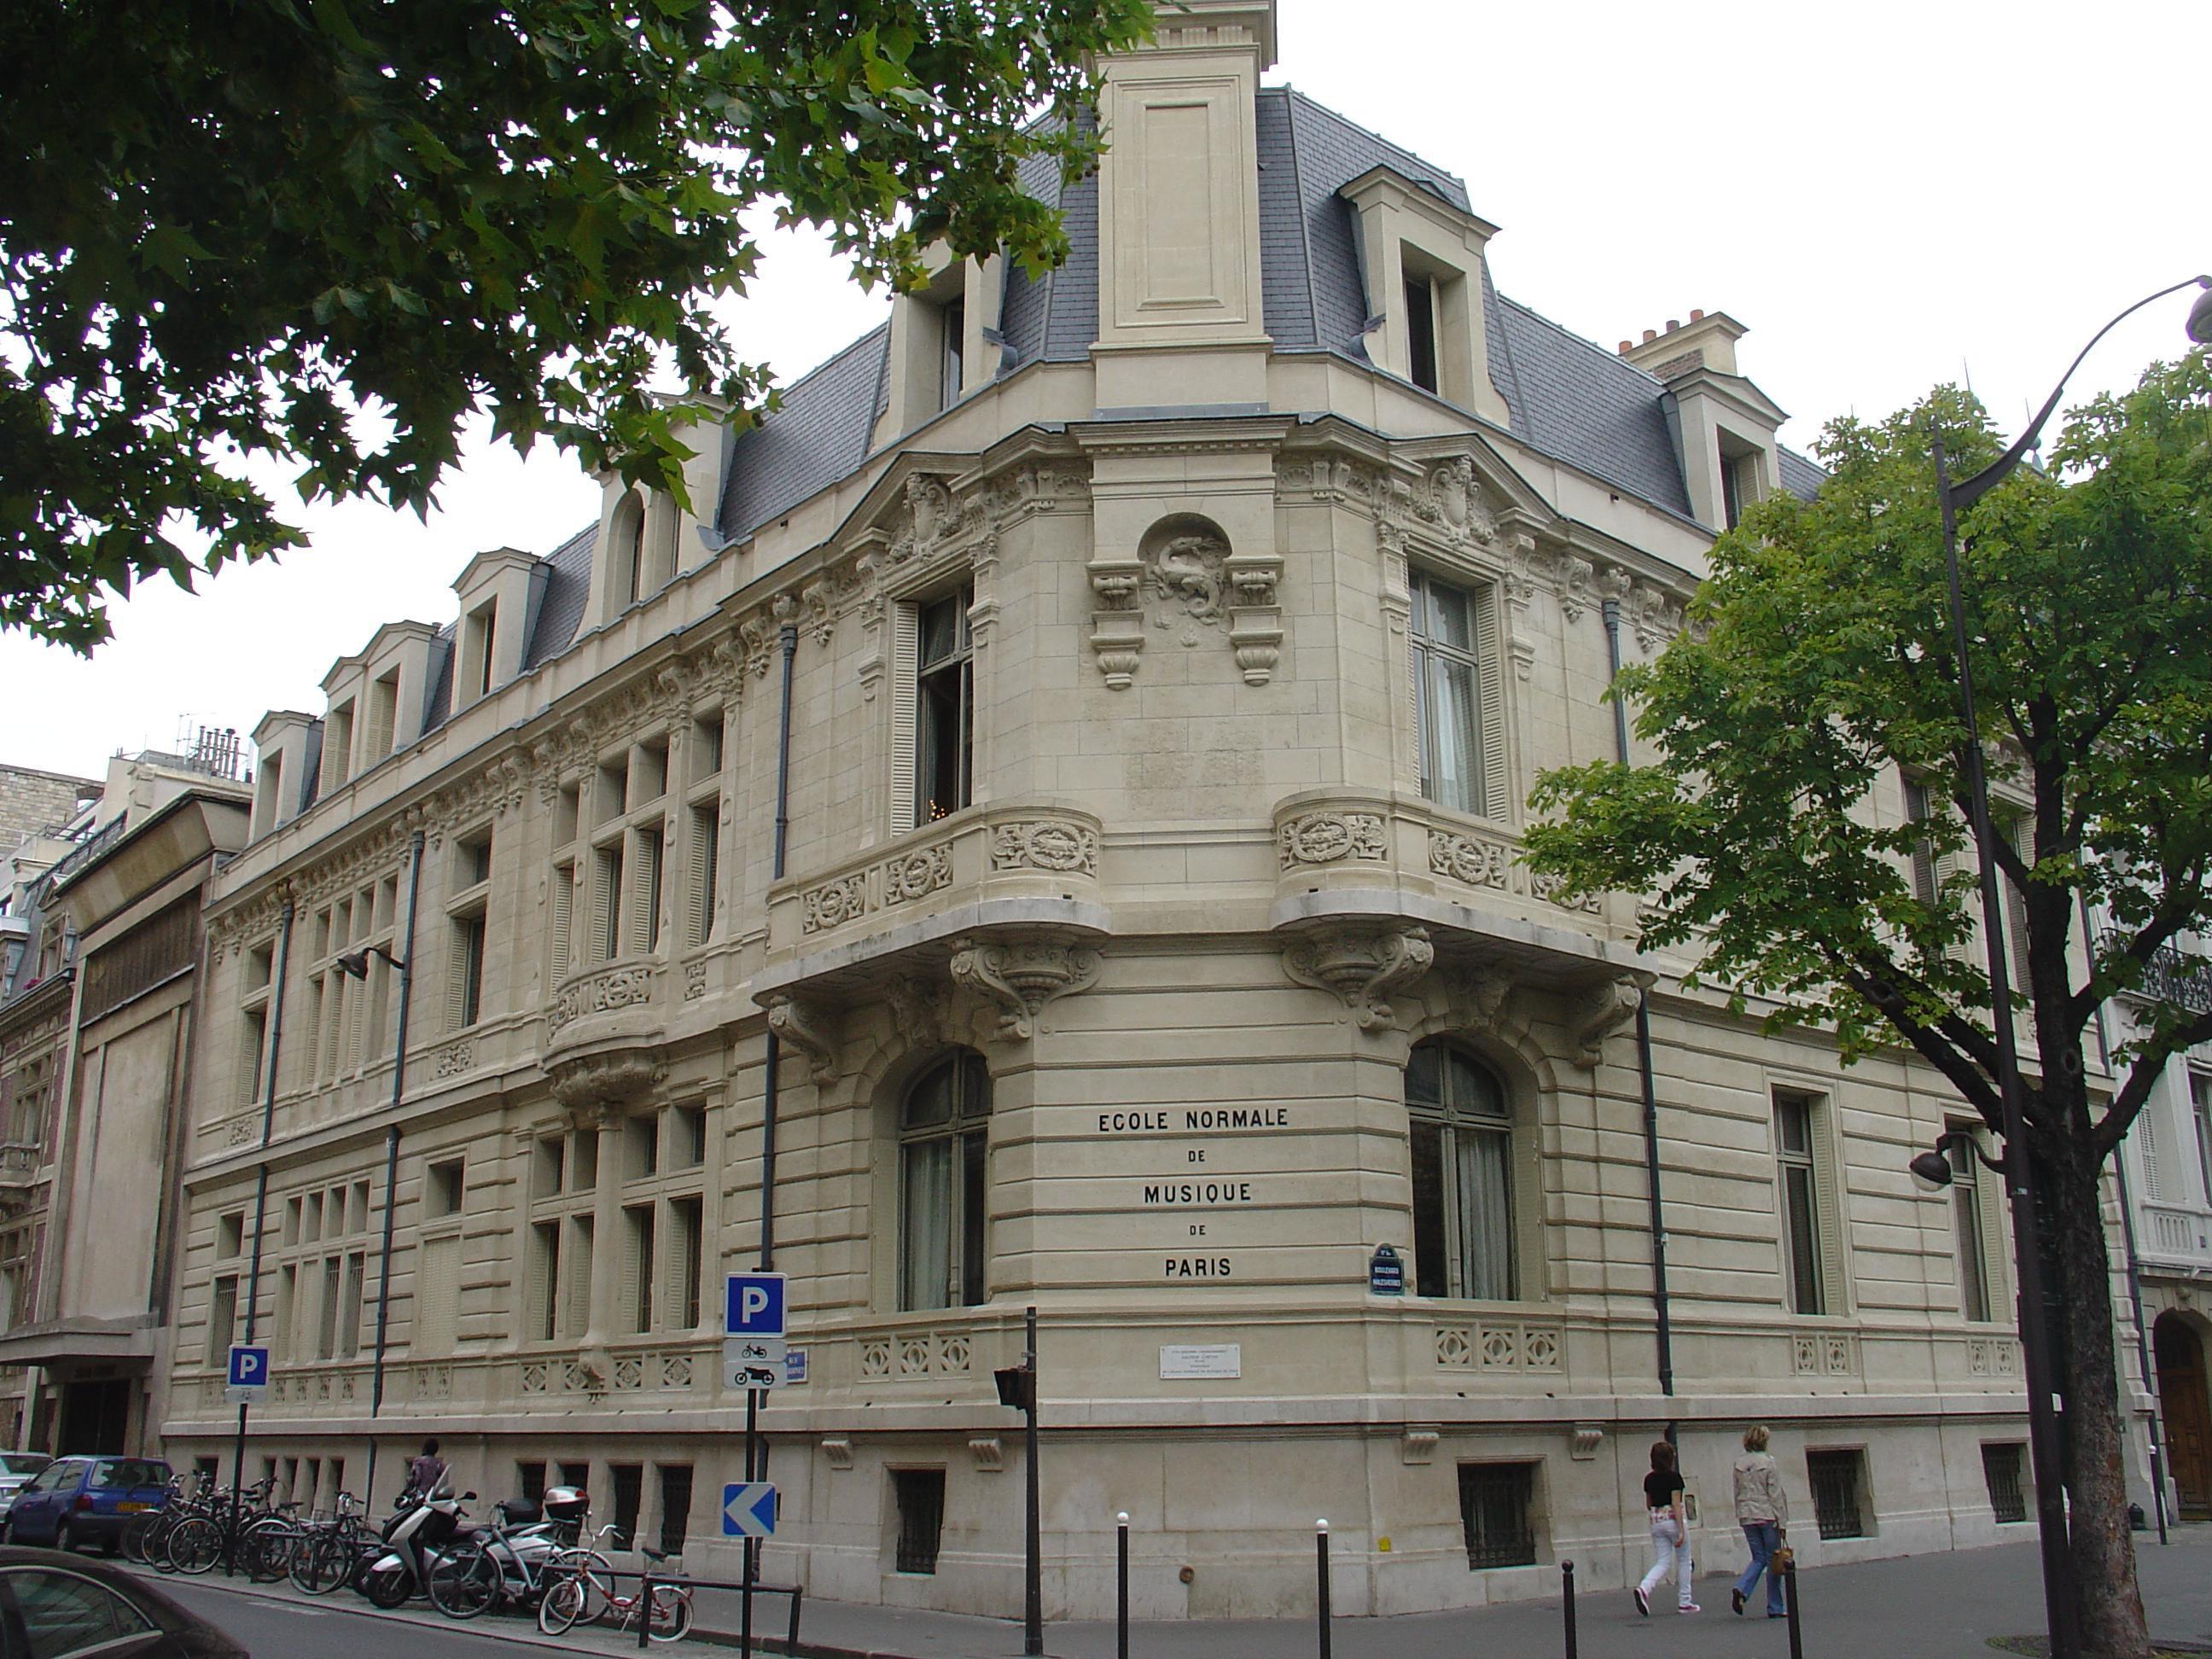 Ecole normale de musique de Paris Alfred Cortot